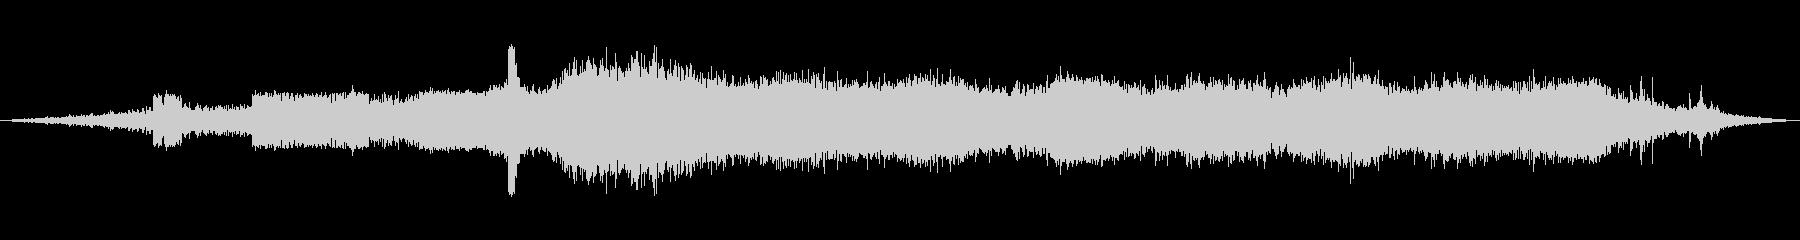 ディーゼルトレインは、エアブレーキ...の未再生の波形